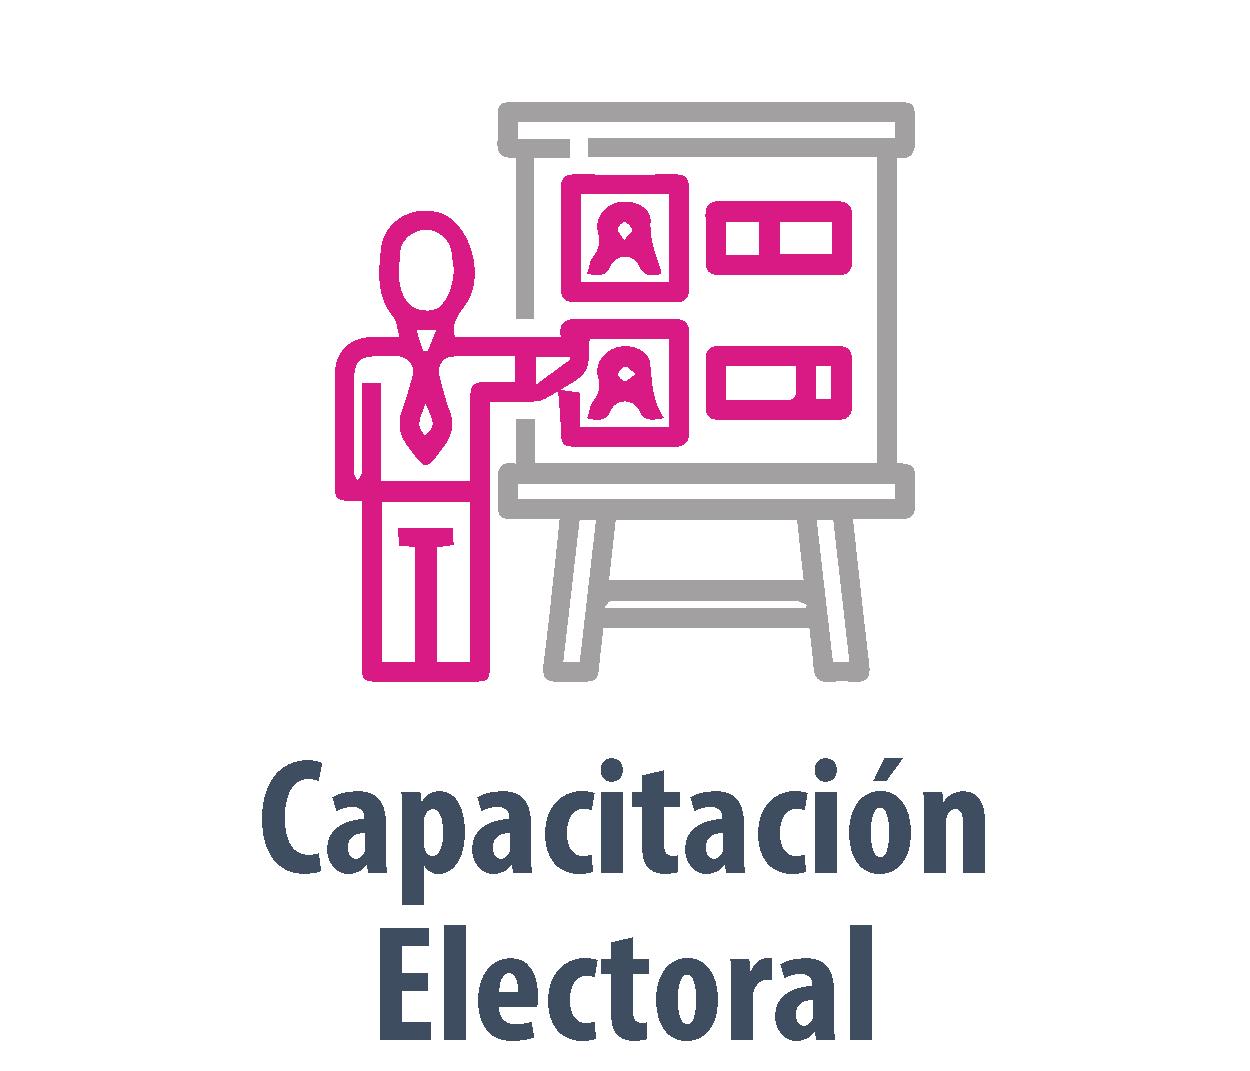 Capacitación Electoral